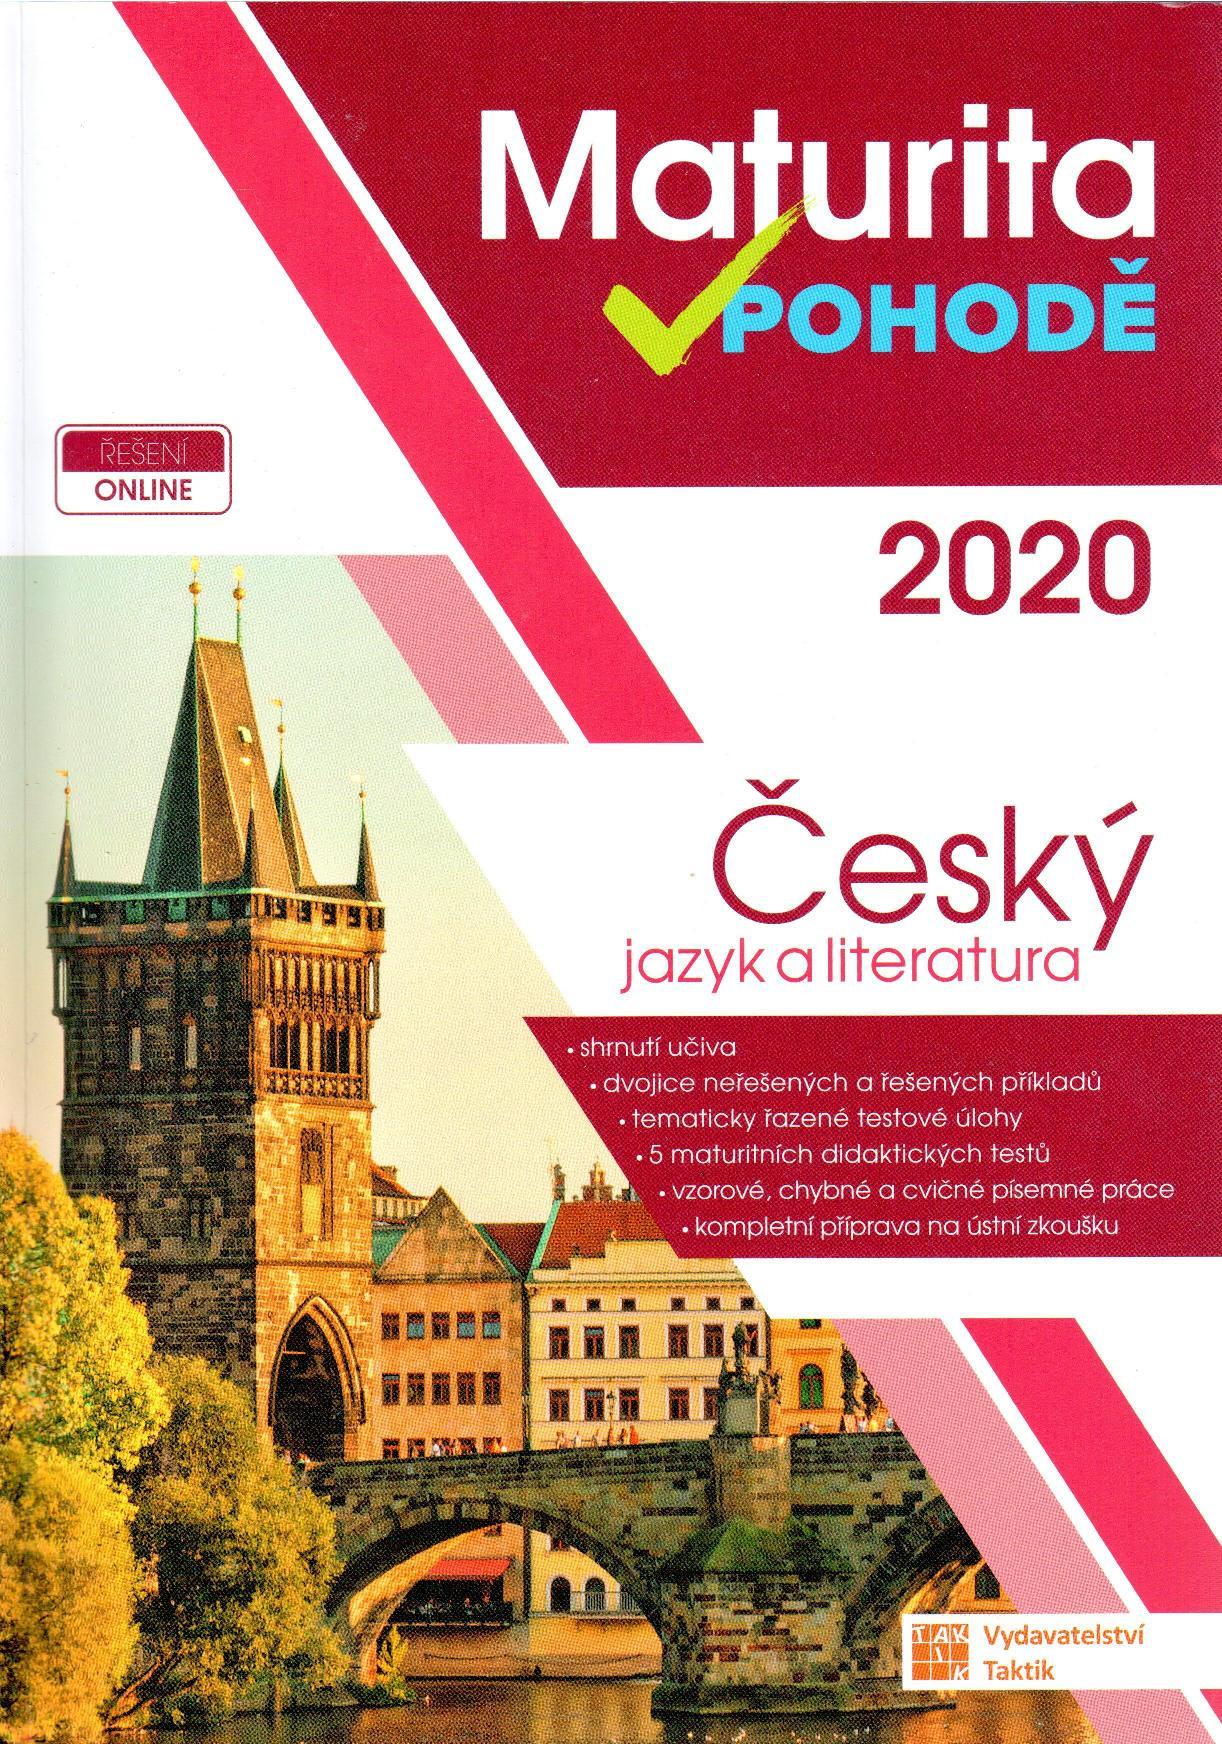 Maturita v pohodě 2020: Český jazyk a literatura - Náhled učebnice